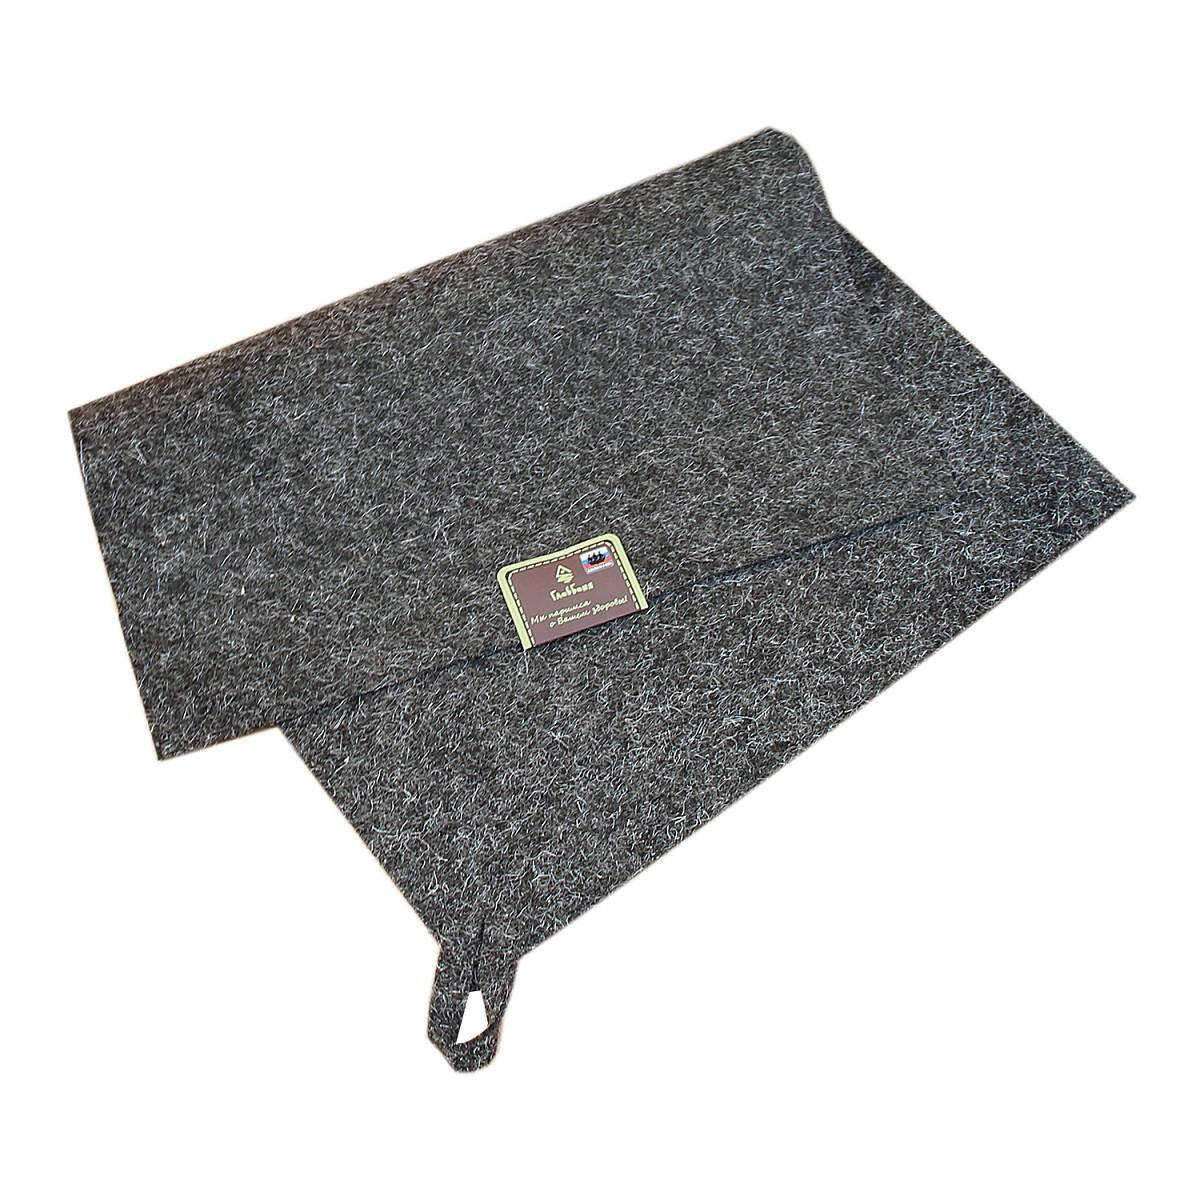 Коврик д/бани и сауны, войлок серый, 38х52см